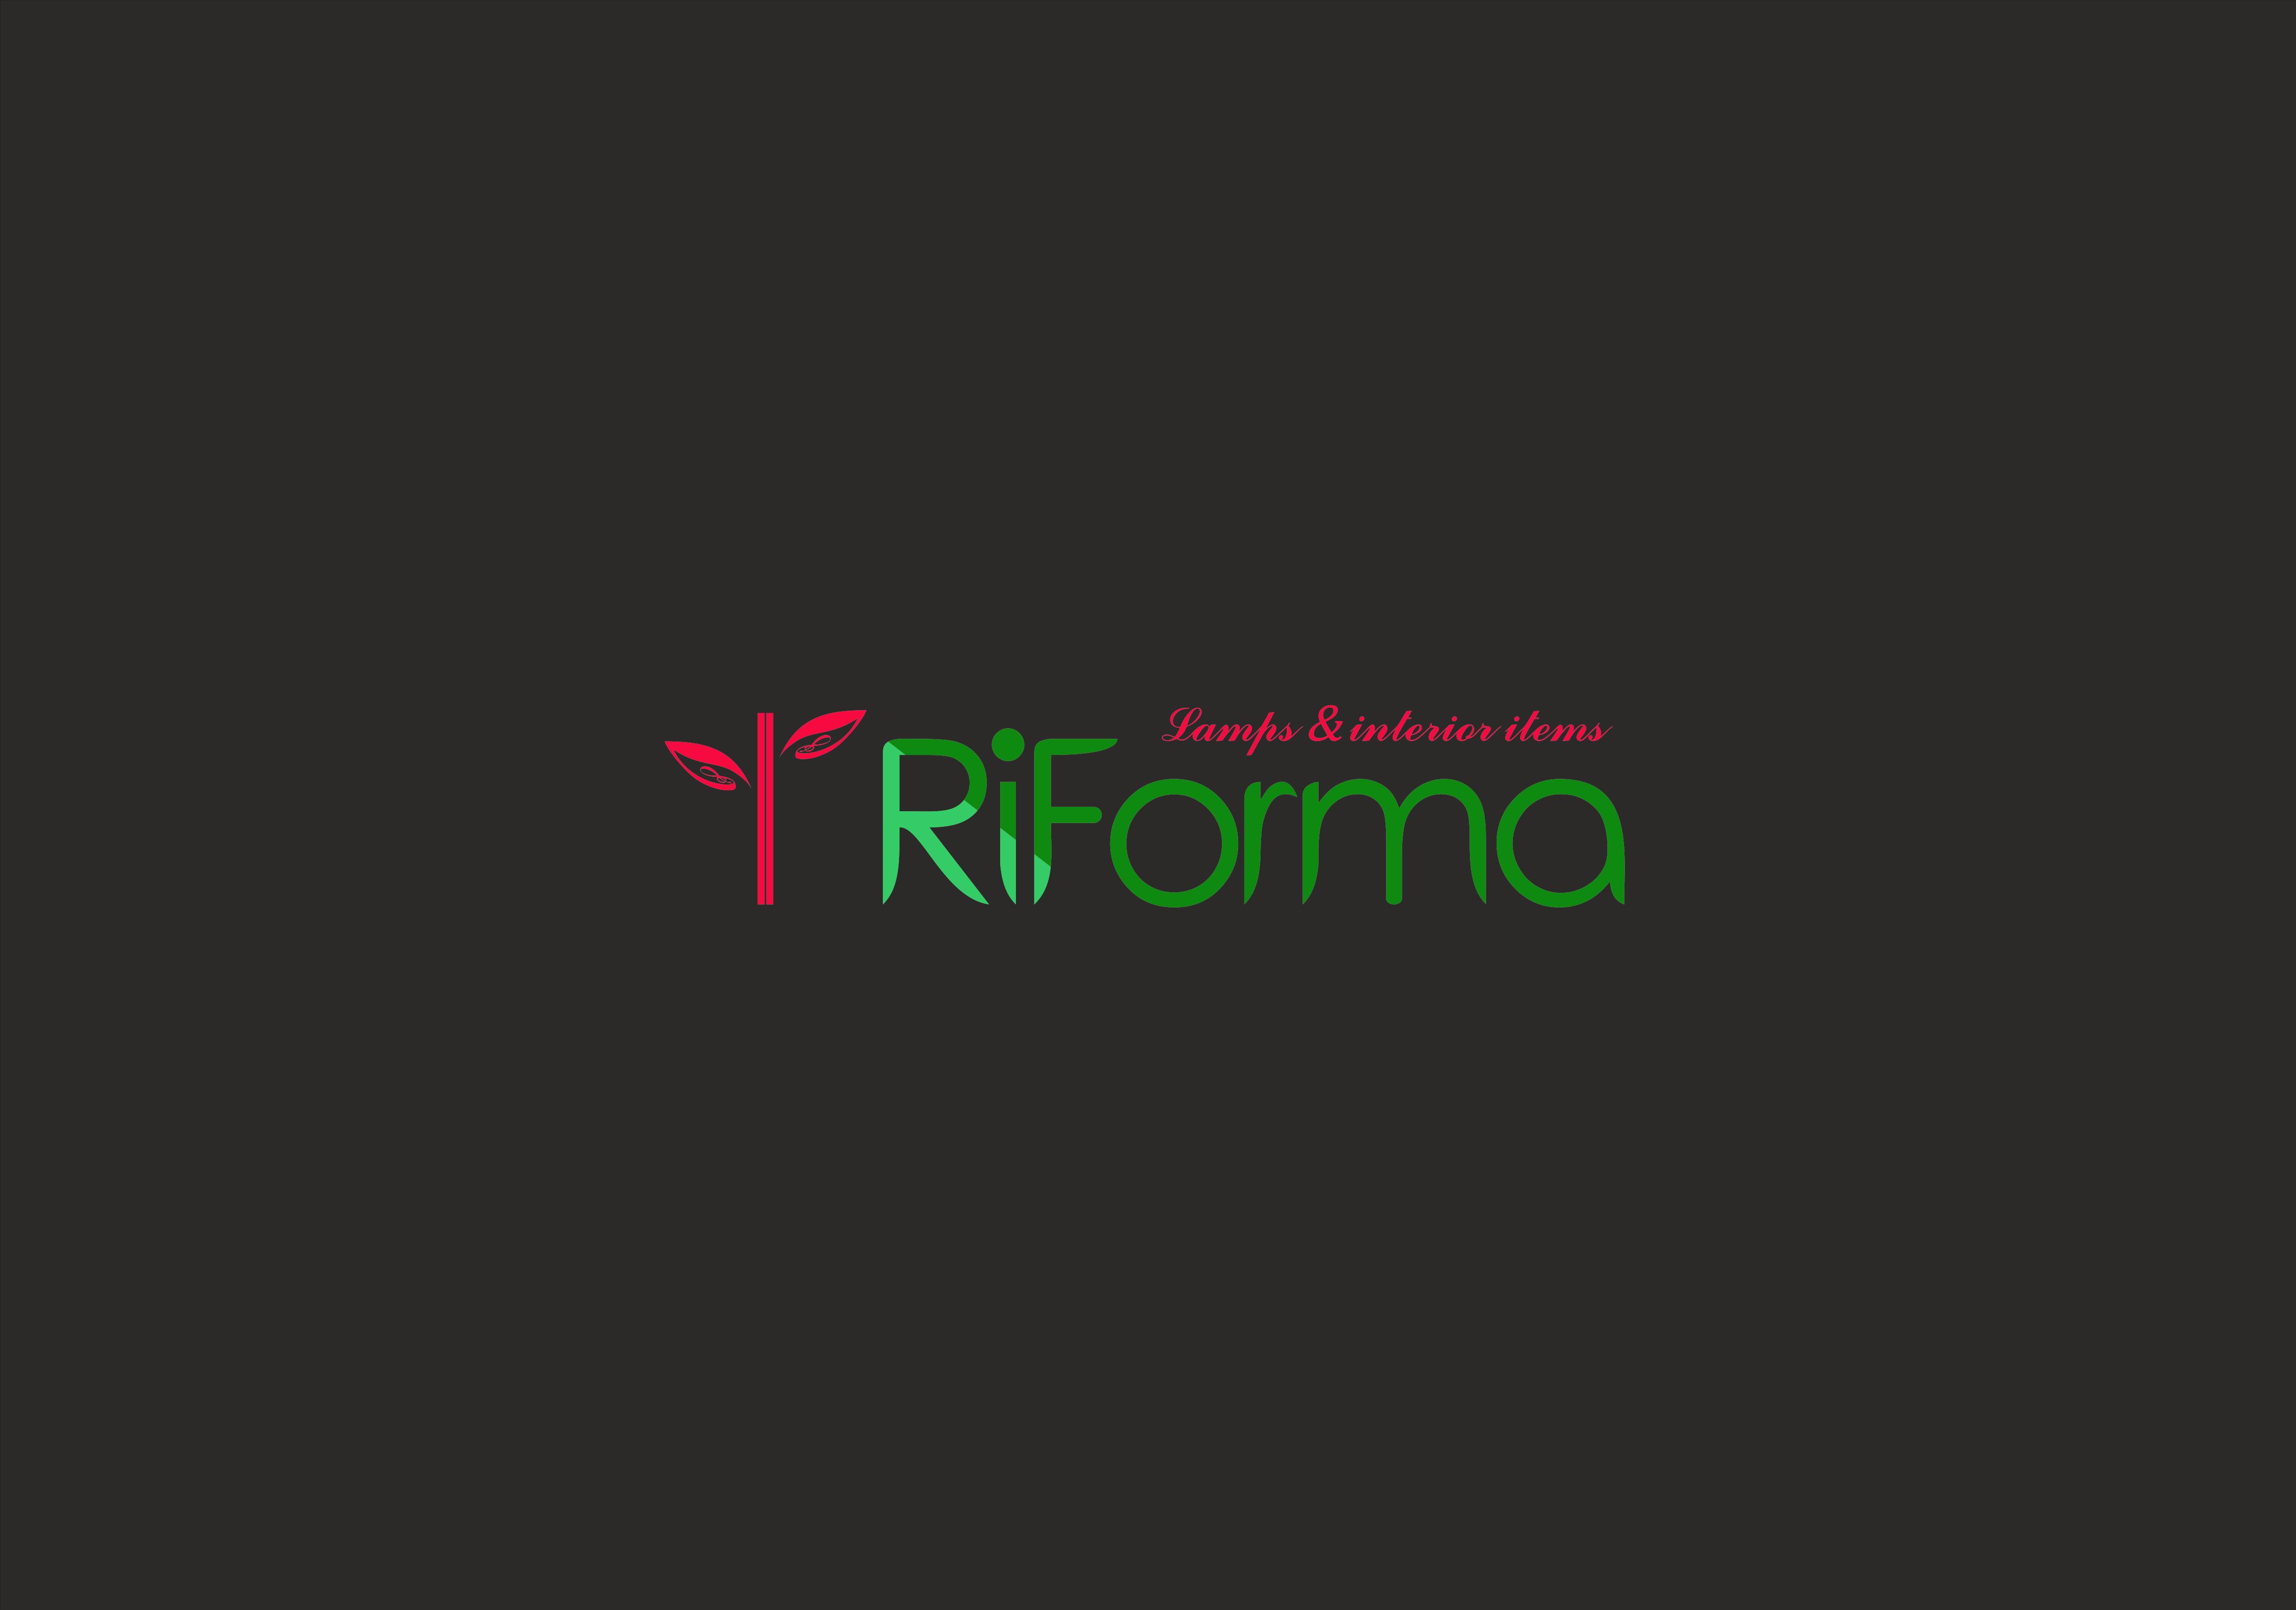 Разработка логотипа и элементов фирменного стиля фото f_33957a32bb6867e4.png